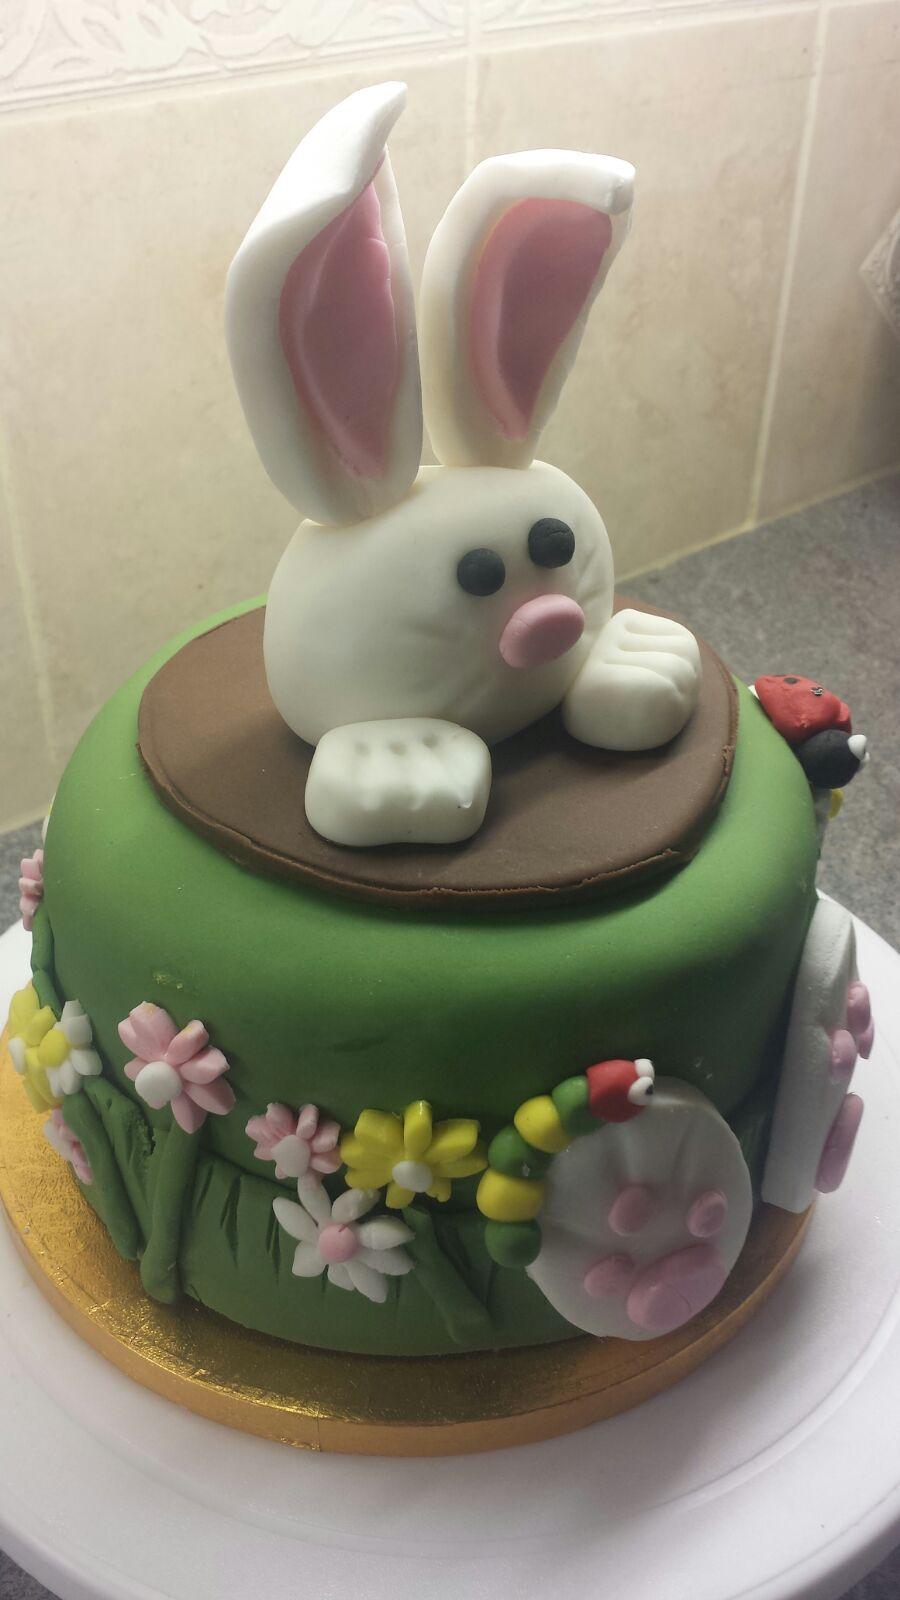 easter cake1.jpg